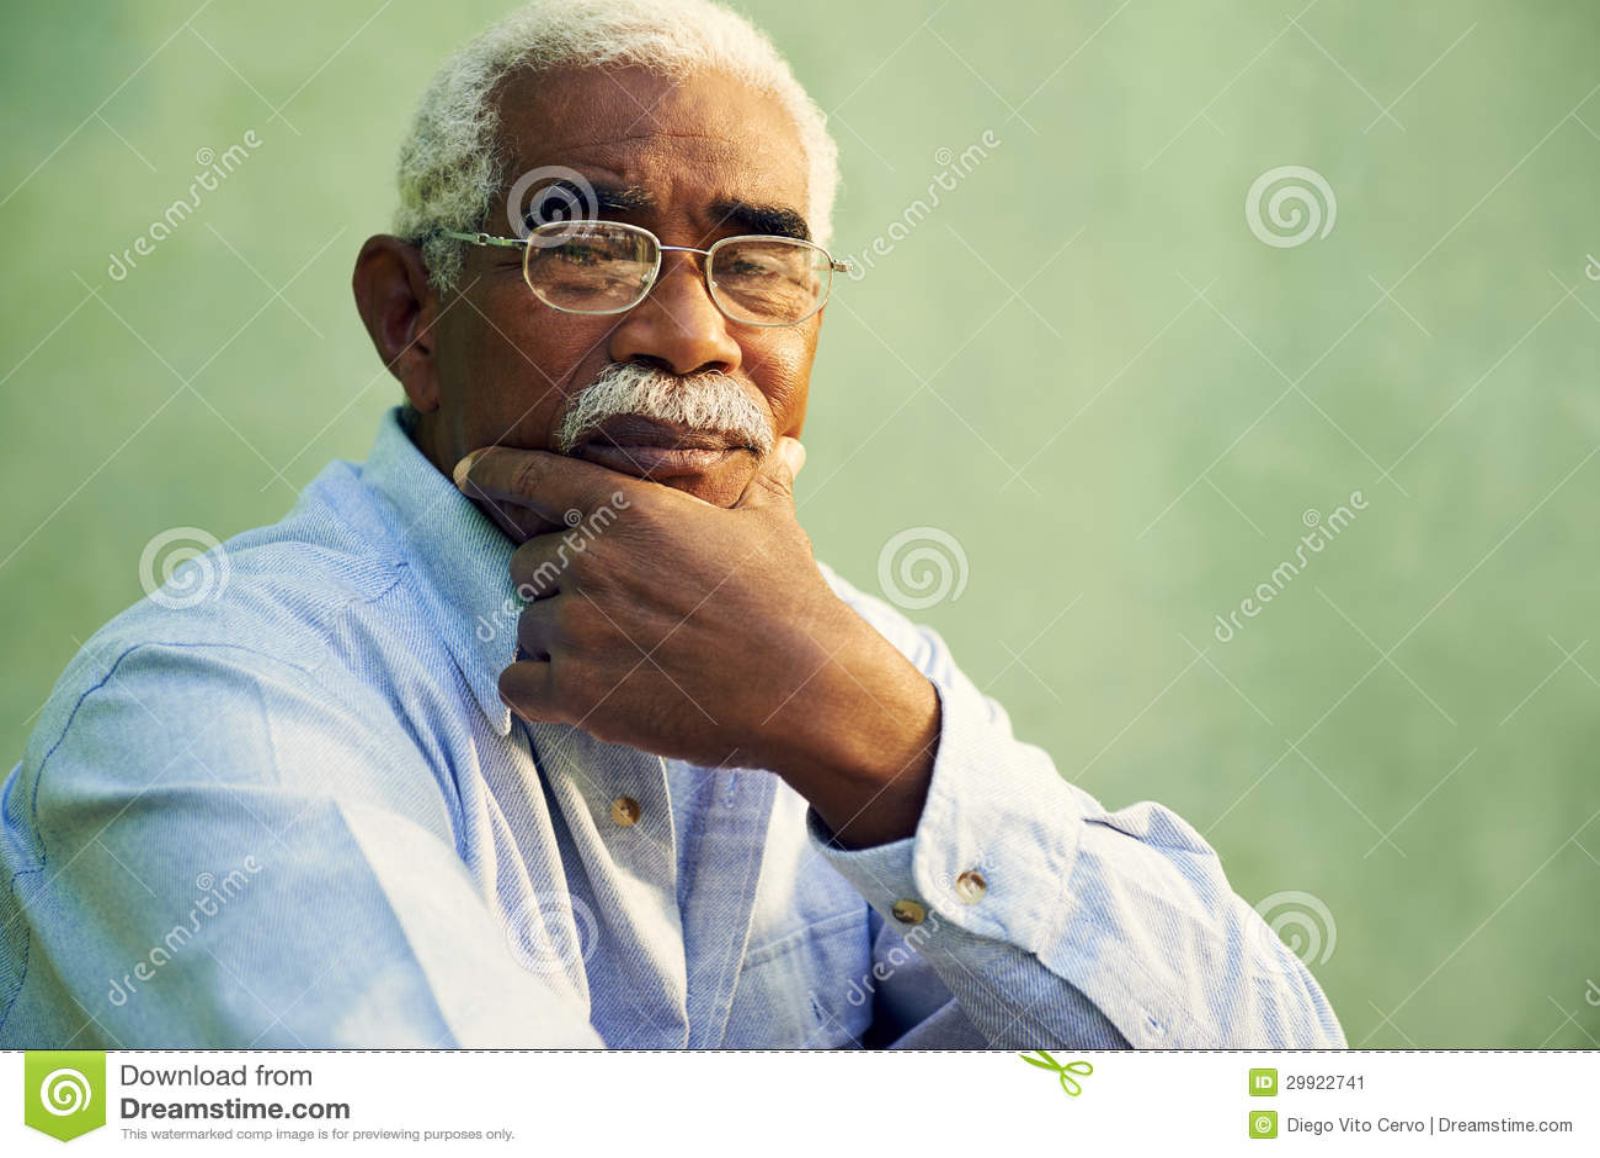 Retrato del viejo hombre del afroamericano serio que mira la cámara